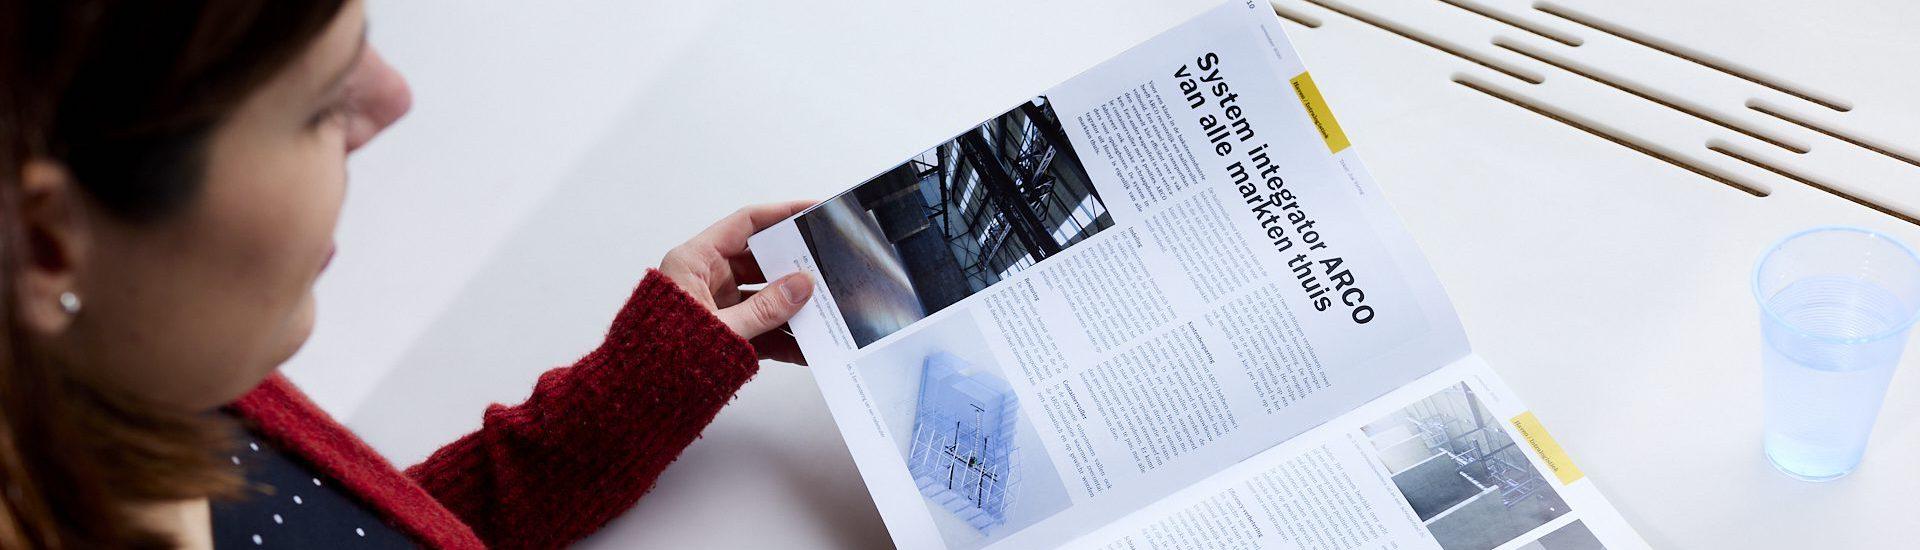 Persoon lezend in een tijdschrift